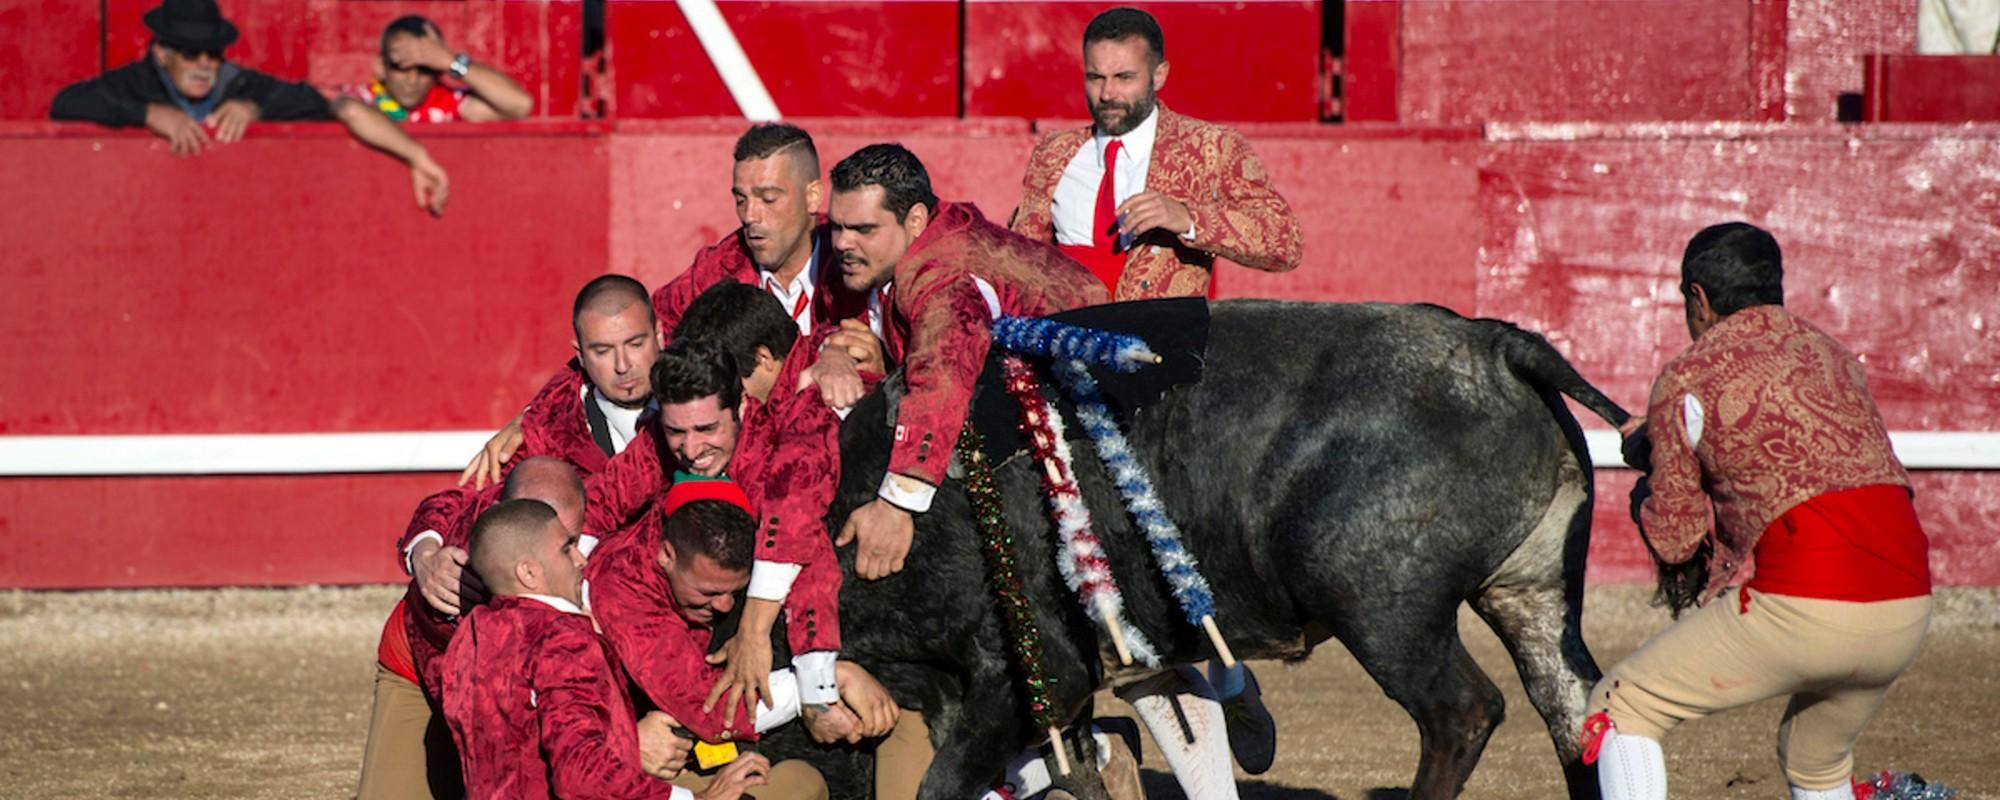 Fotky býčích zápasů bez krve